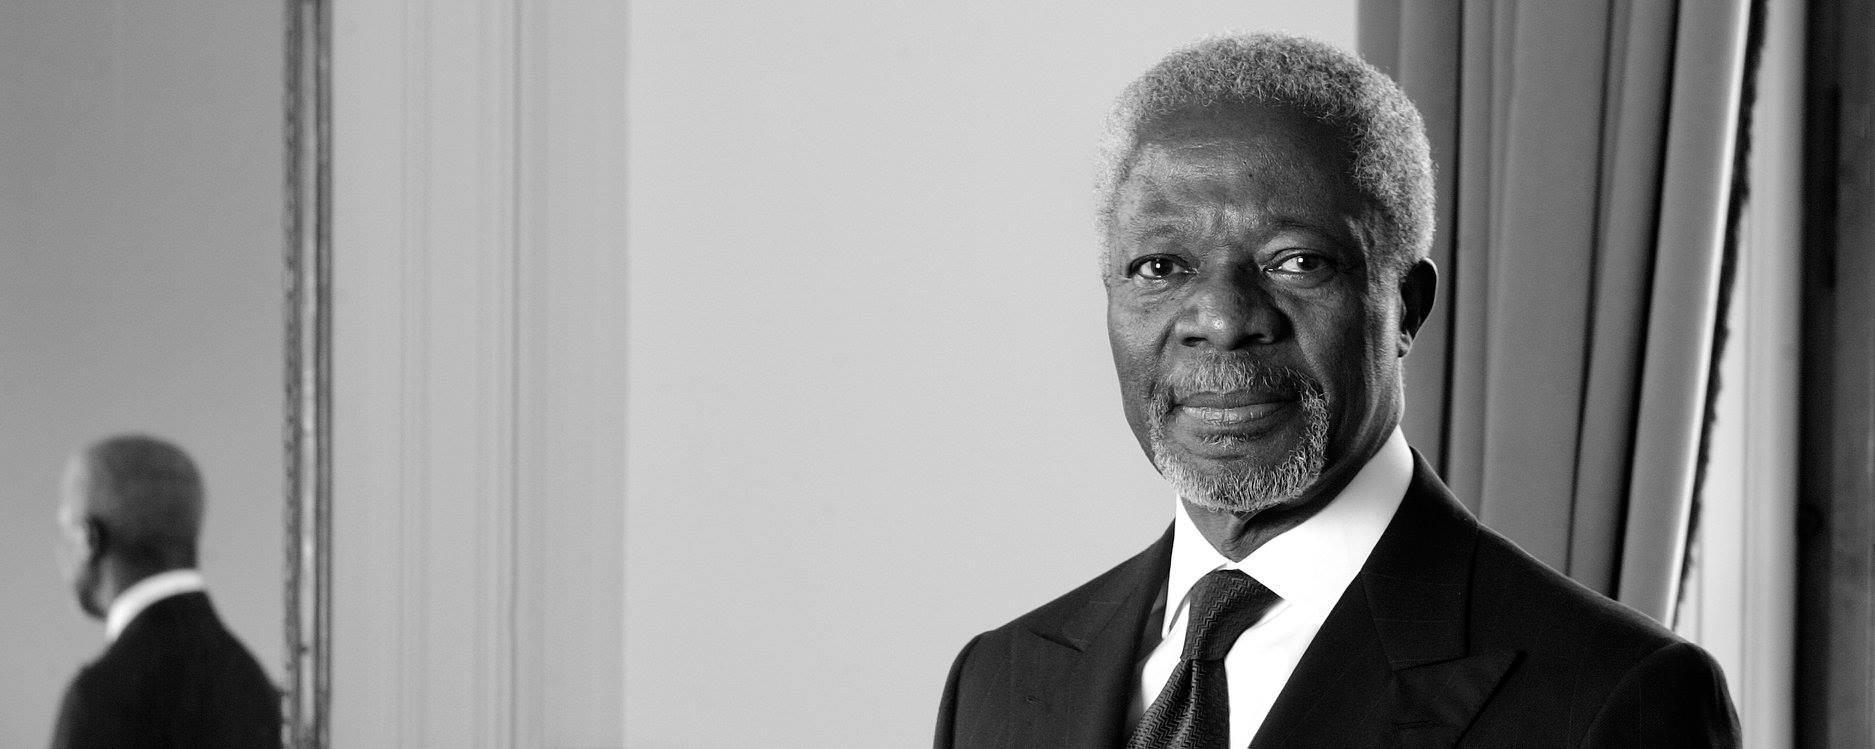 VIDEO: Gana se oprašta od poznatog političara Kofia Annana